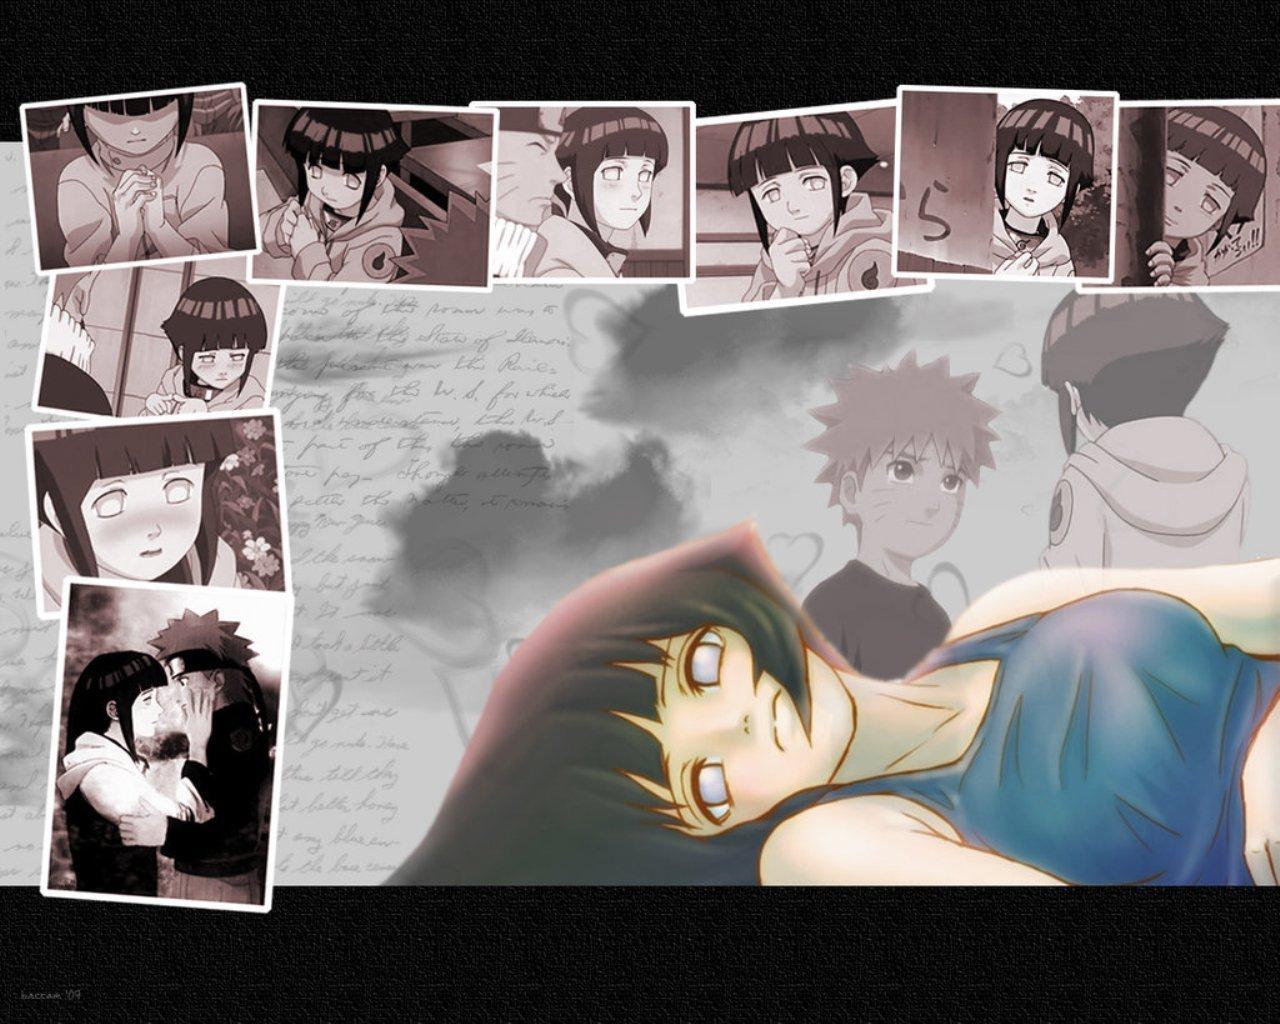 Naruto ninja naruto 12651340 1280 1024jpg 1280x1024